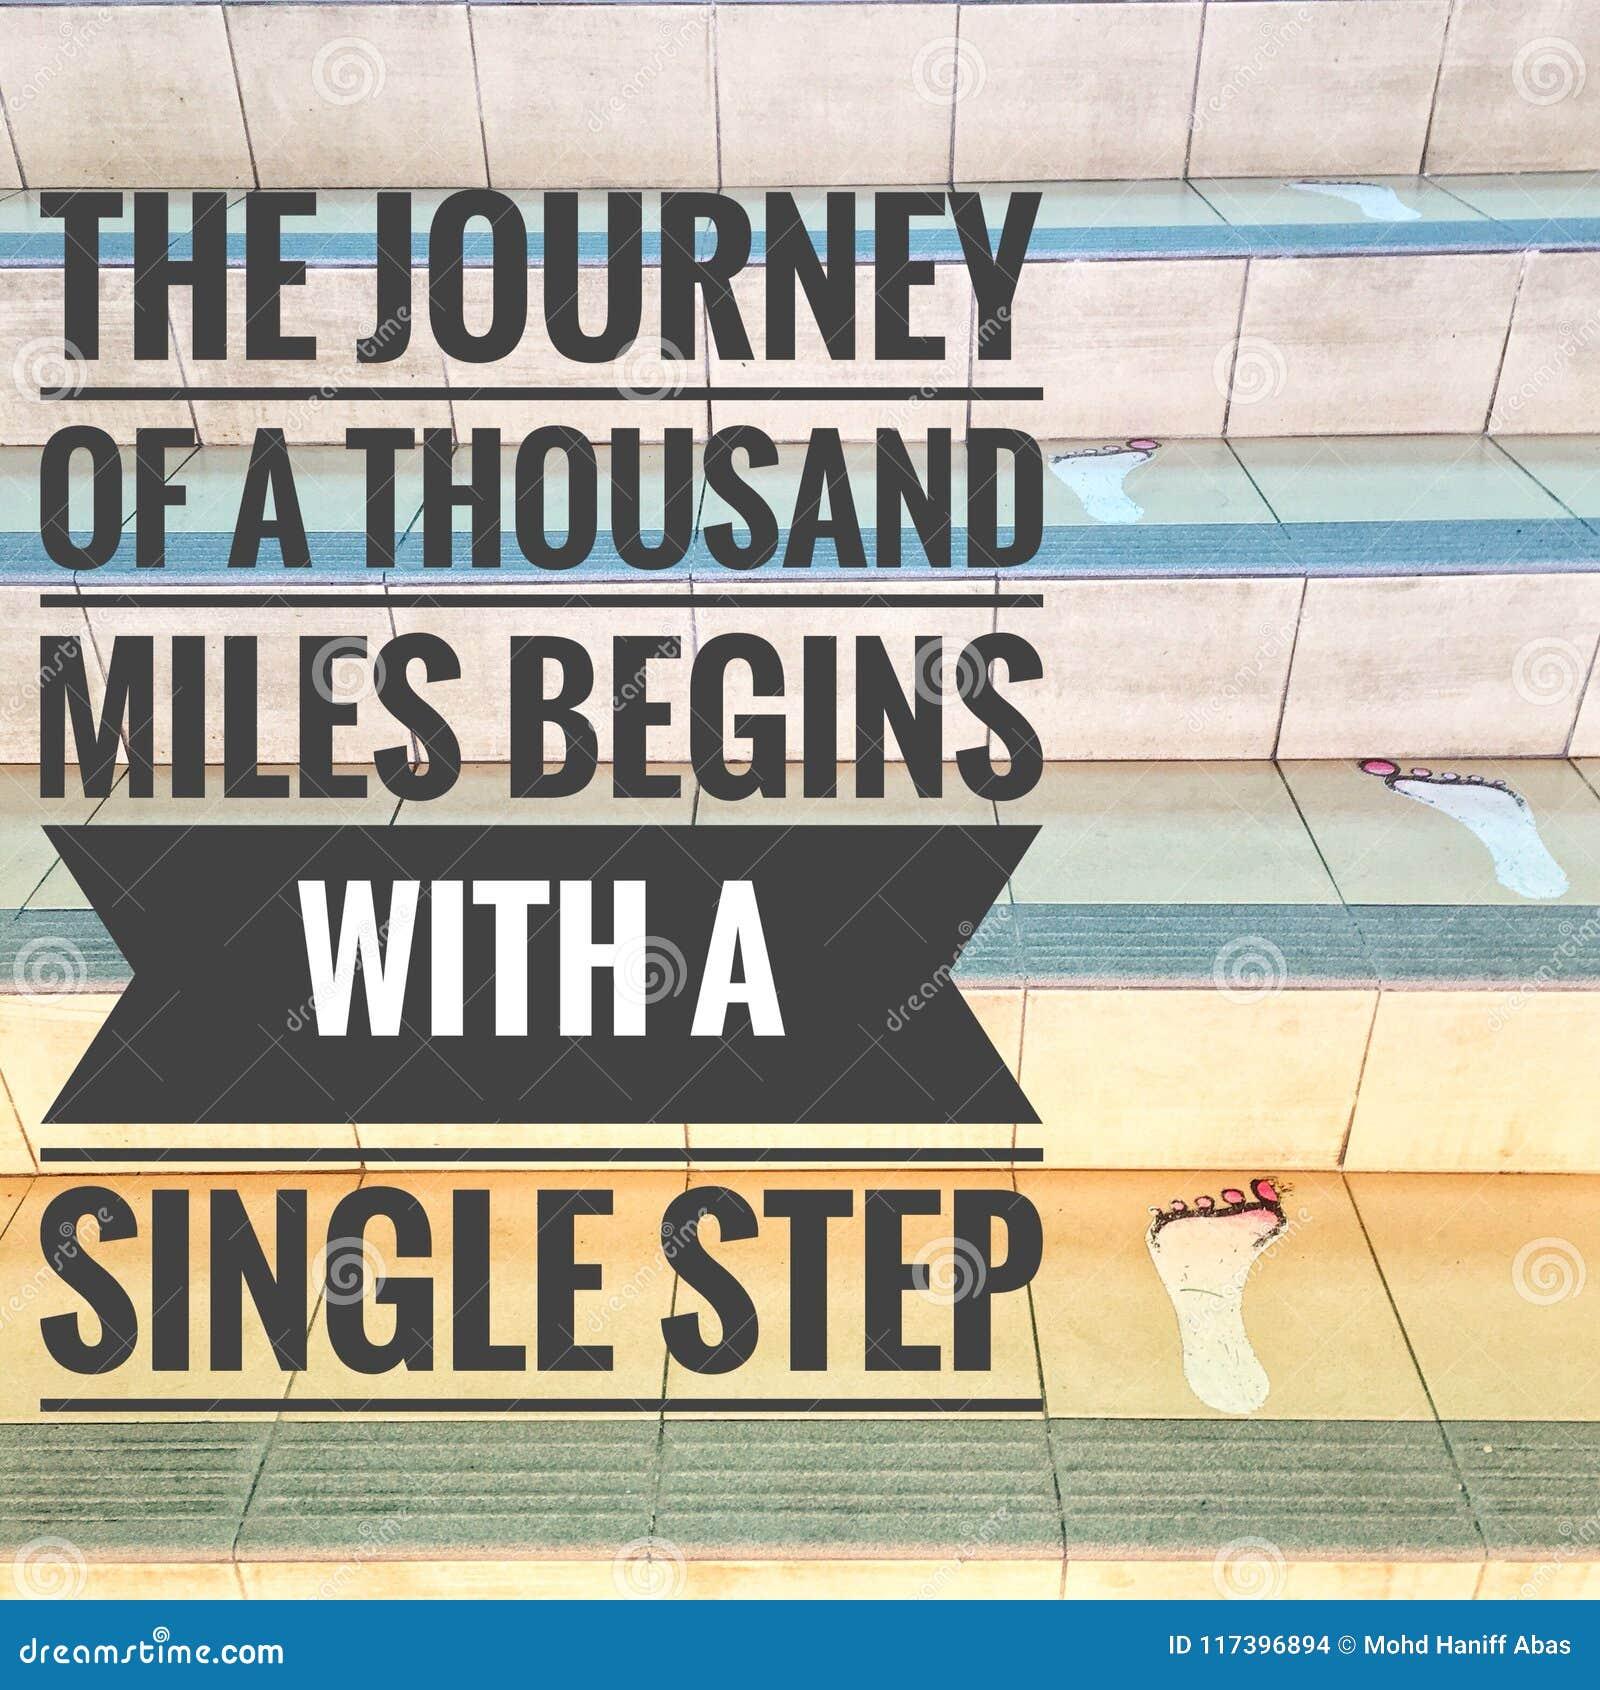 一一千英里的旅途的诱导行情从单步开始